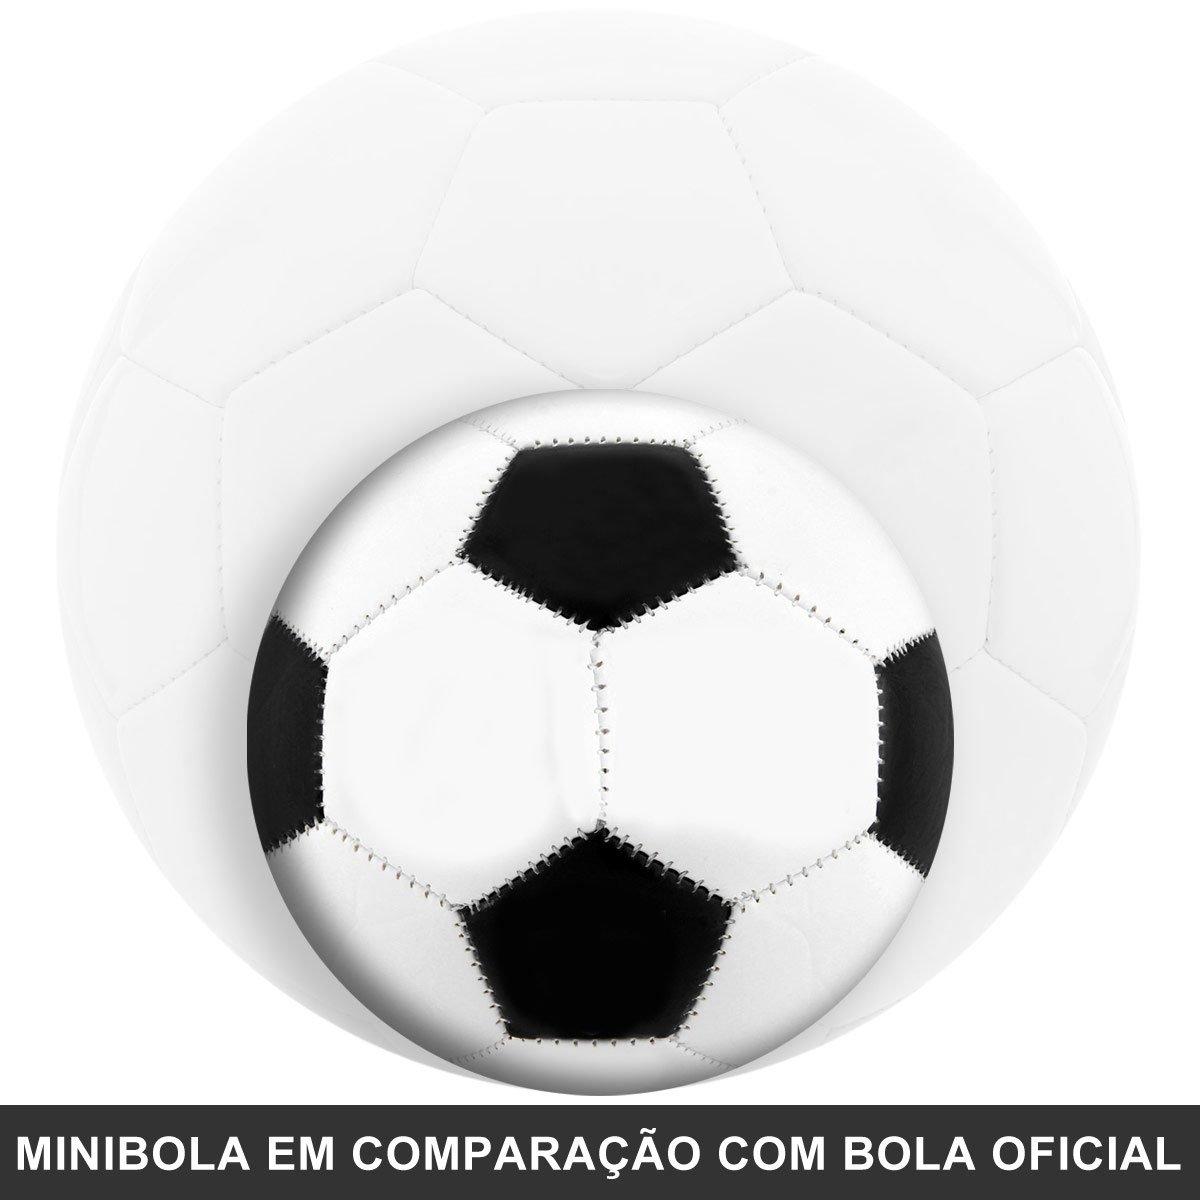 MiniBola Futebol Kagiva F5 R2 Dubai Sub 09 Futsal - Compre Agora ... aa271a5f483d3